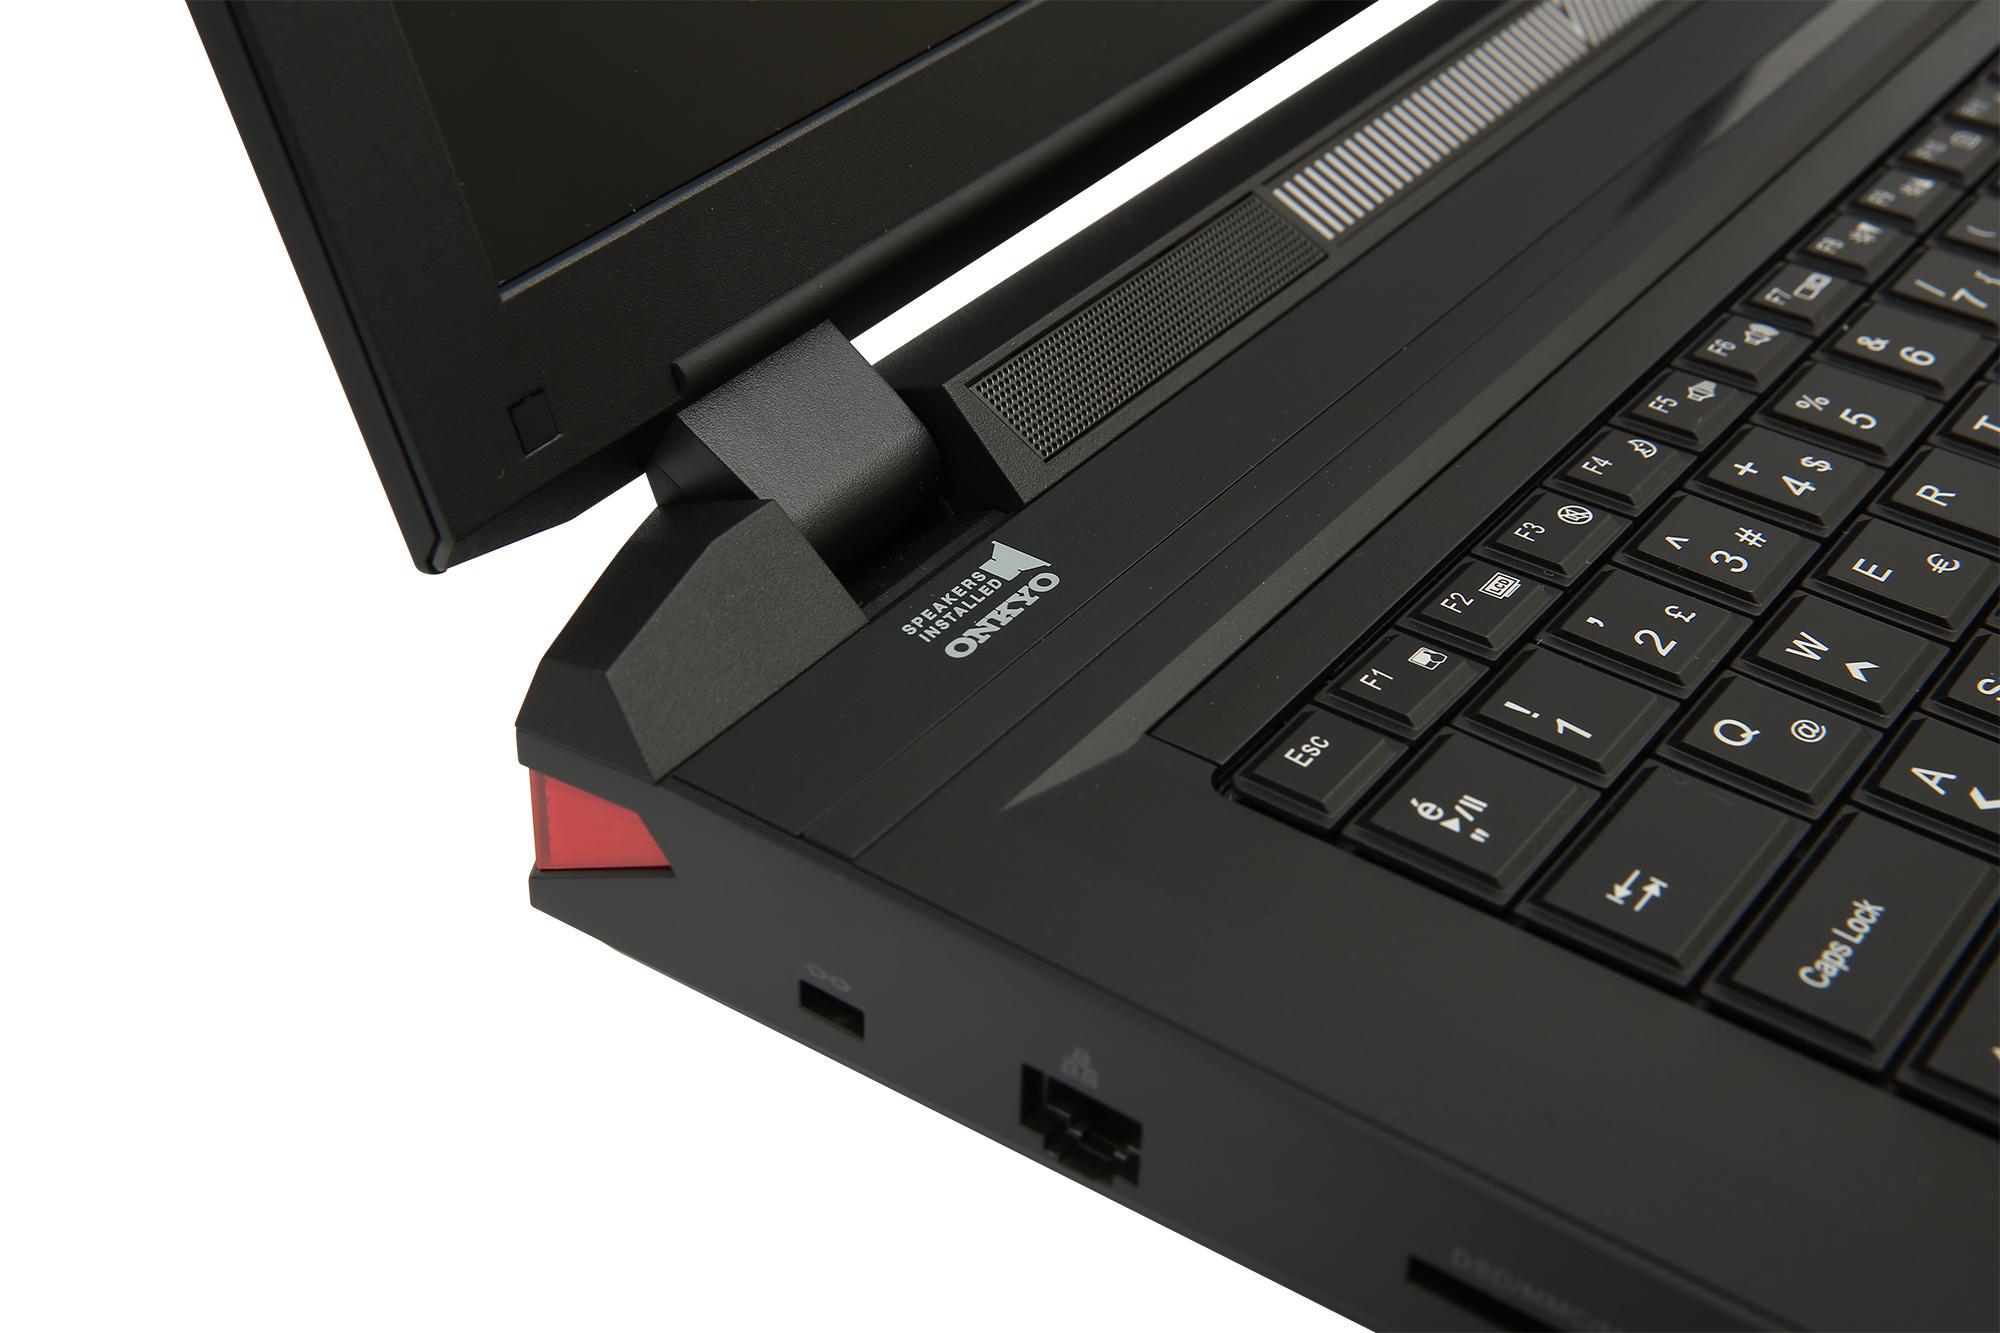 MONSTER® SEMRUK S7 V2.1 17.3